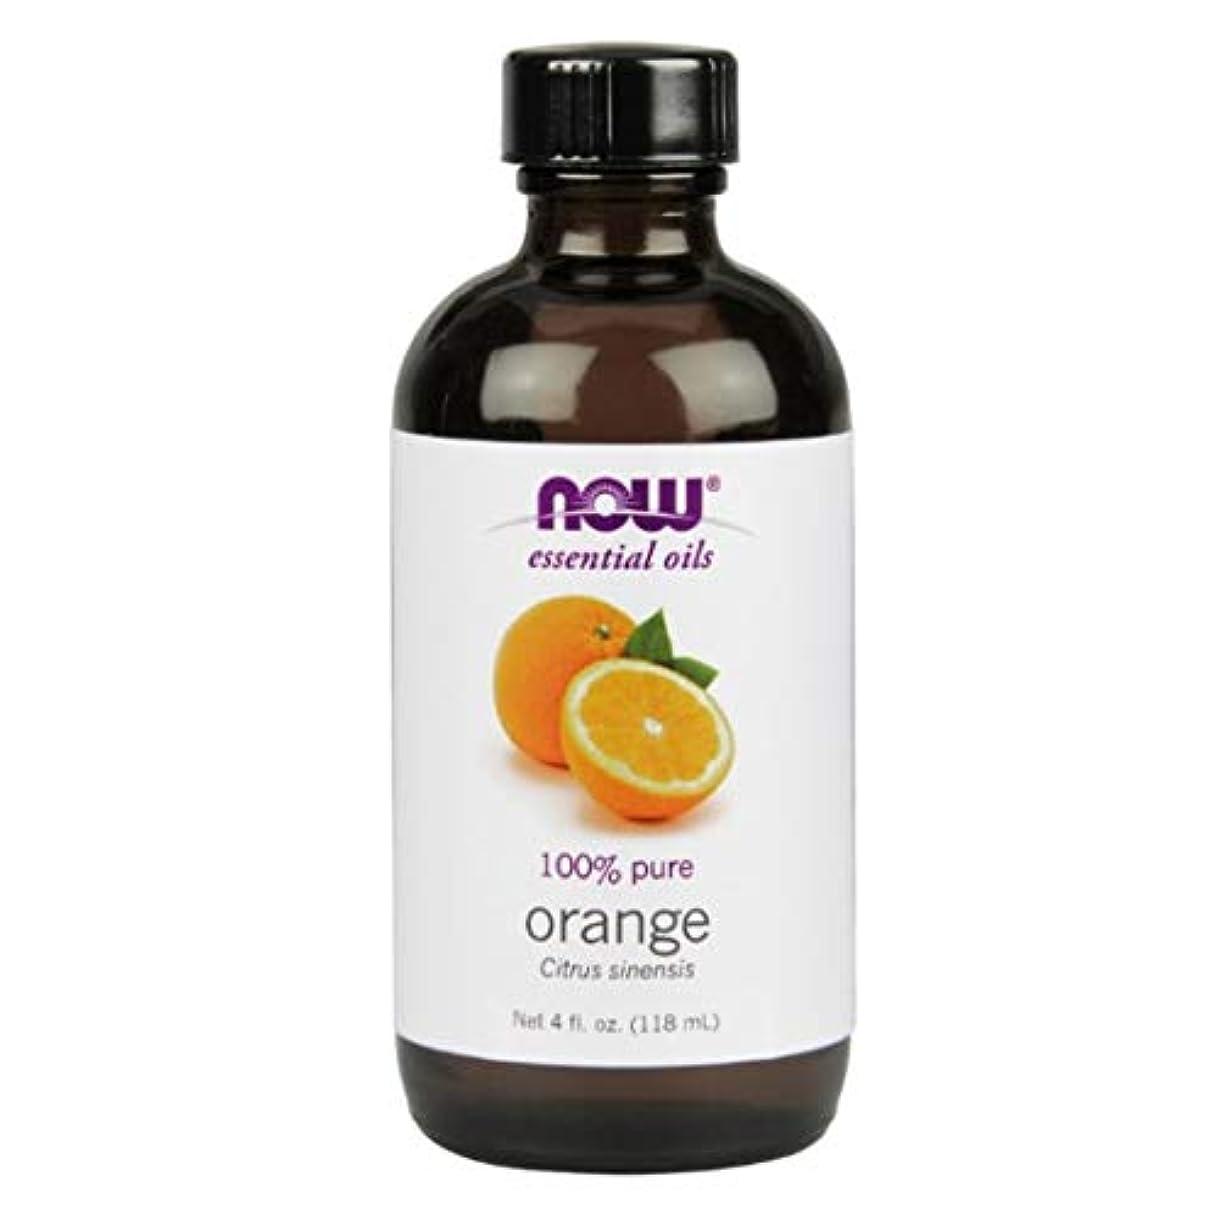 満たす王室住人Now - Orange Oil 100% Pure 4 oz (118 ml) [並行輸入品]